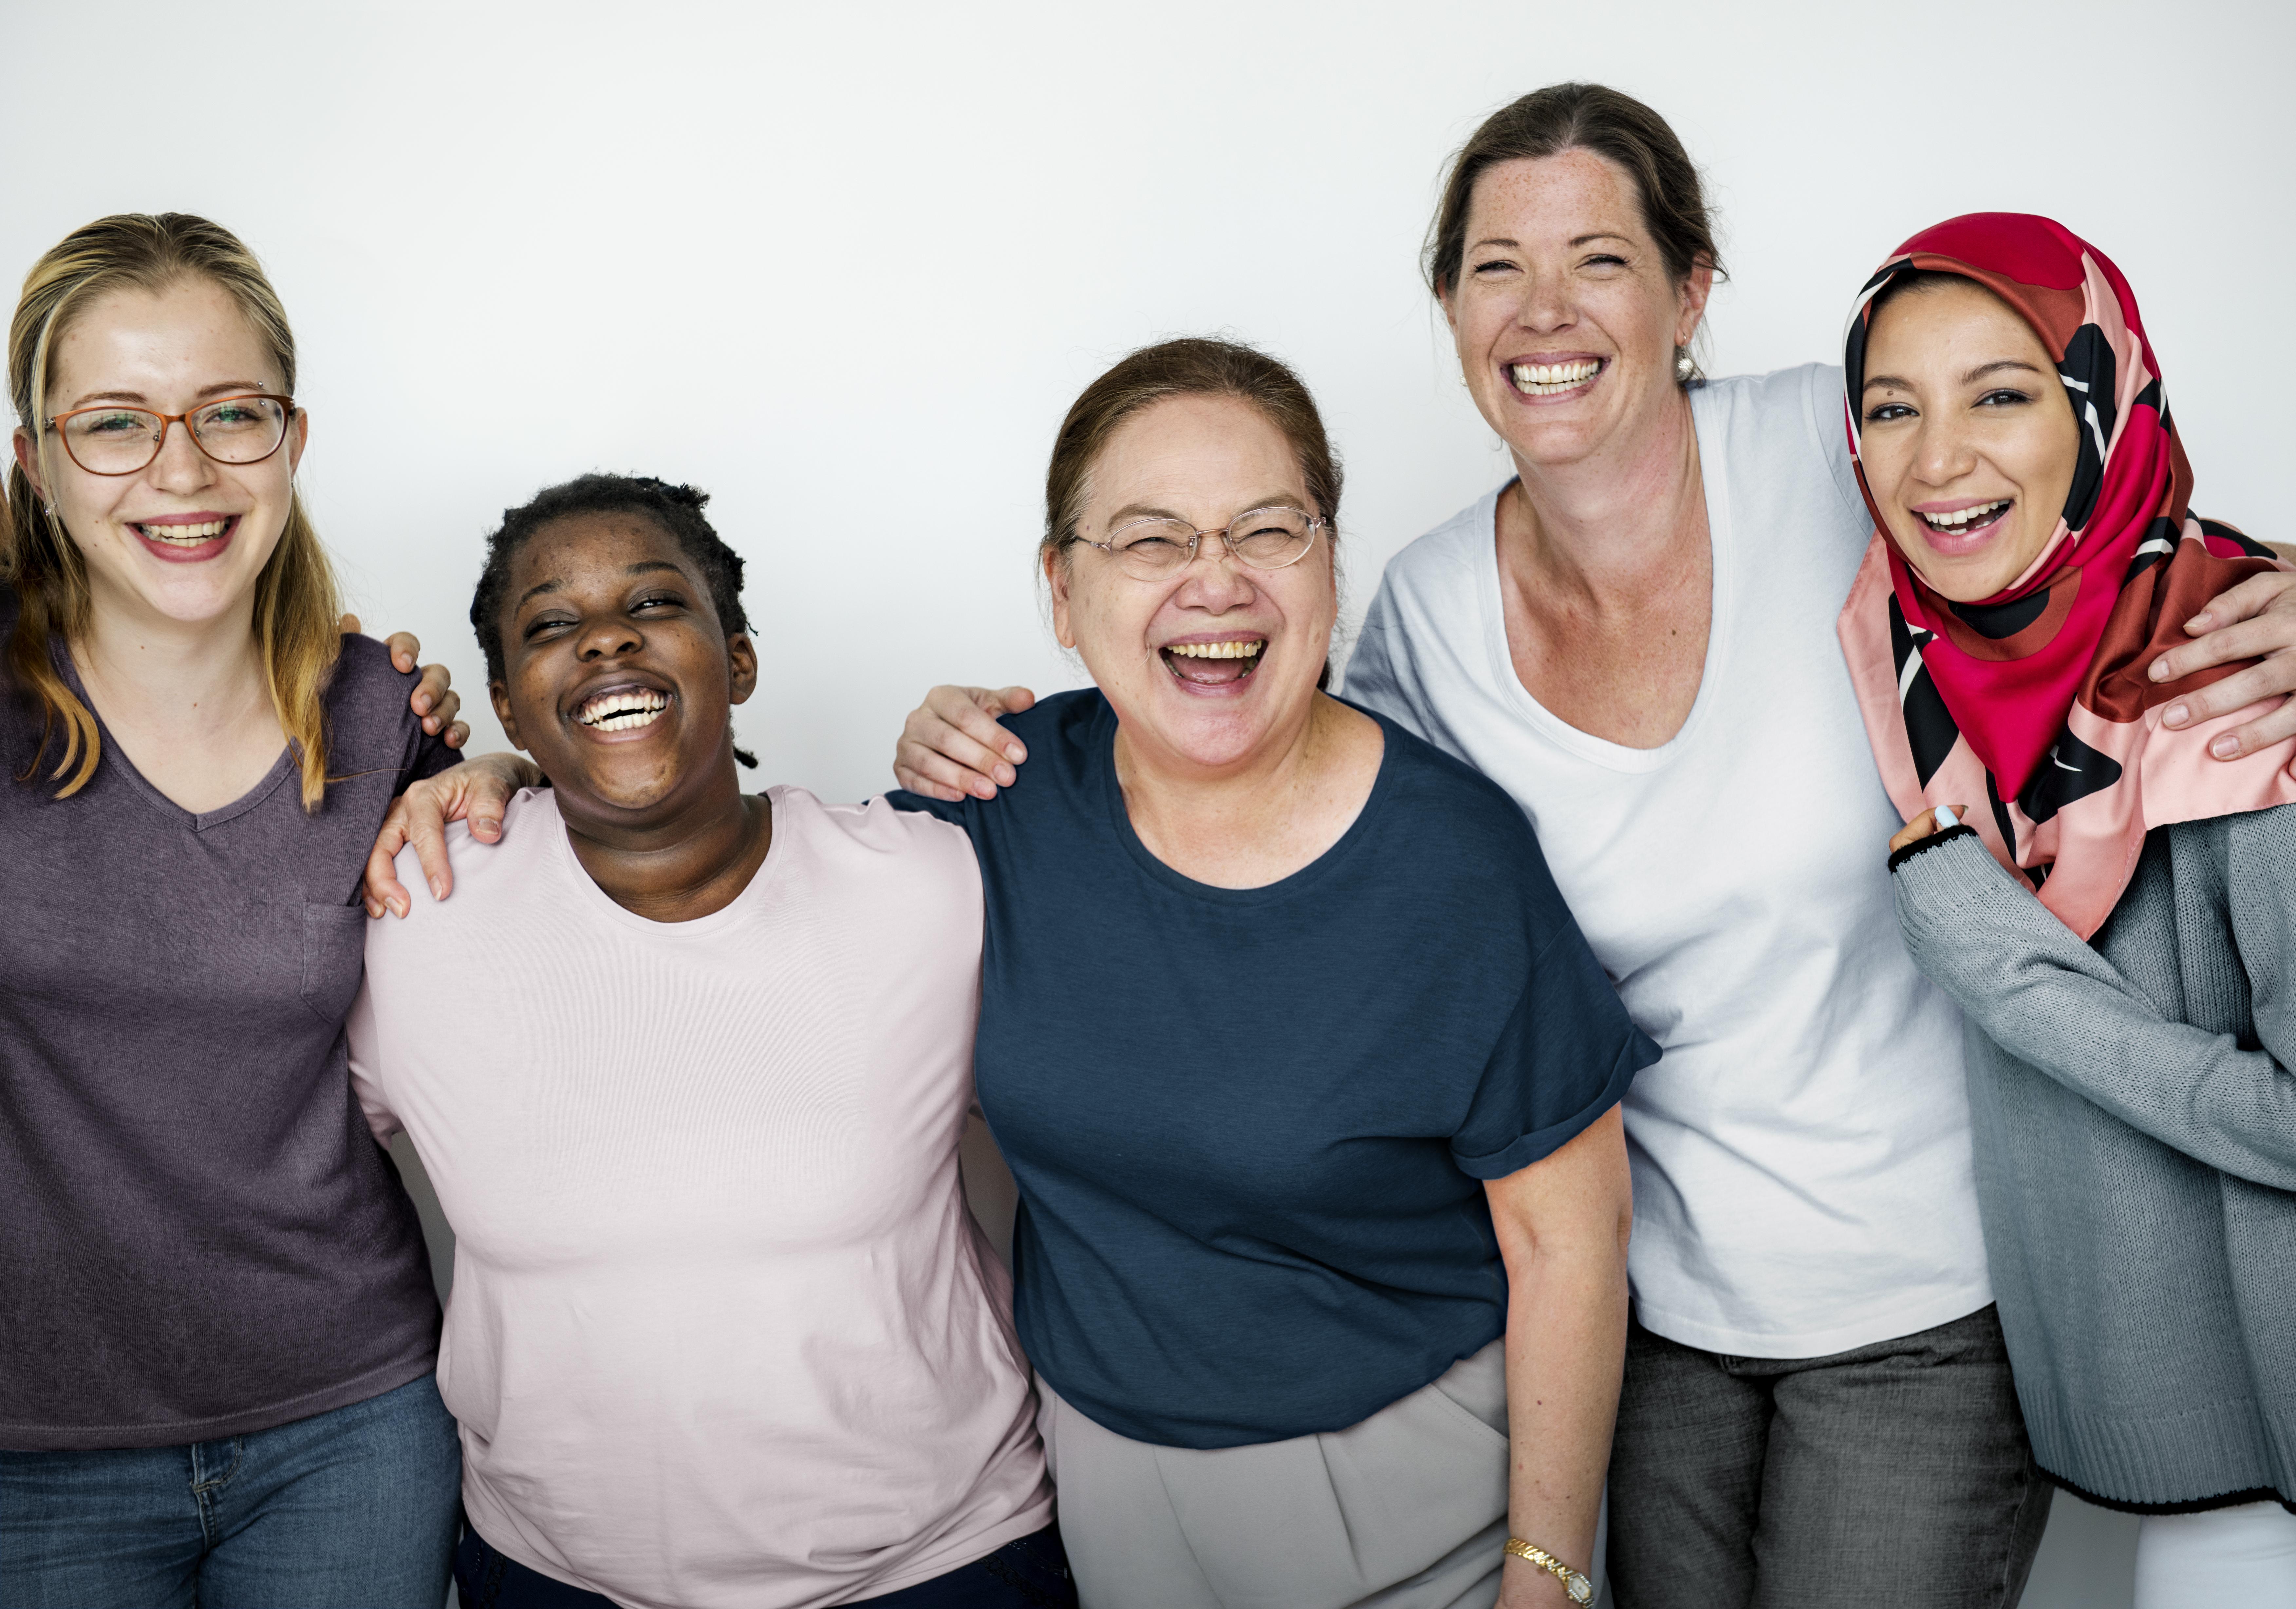 När du söker vård i Sverige ska du få ett jämlikt bemötande och behandling oavsett var i landet du bor och oavsett om du är man eller kvinna, säger socialminister Lena Hallengren.